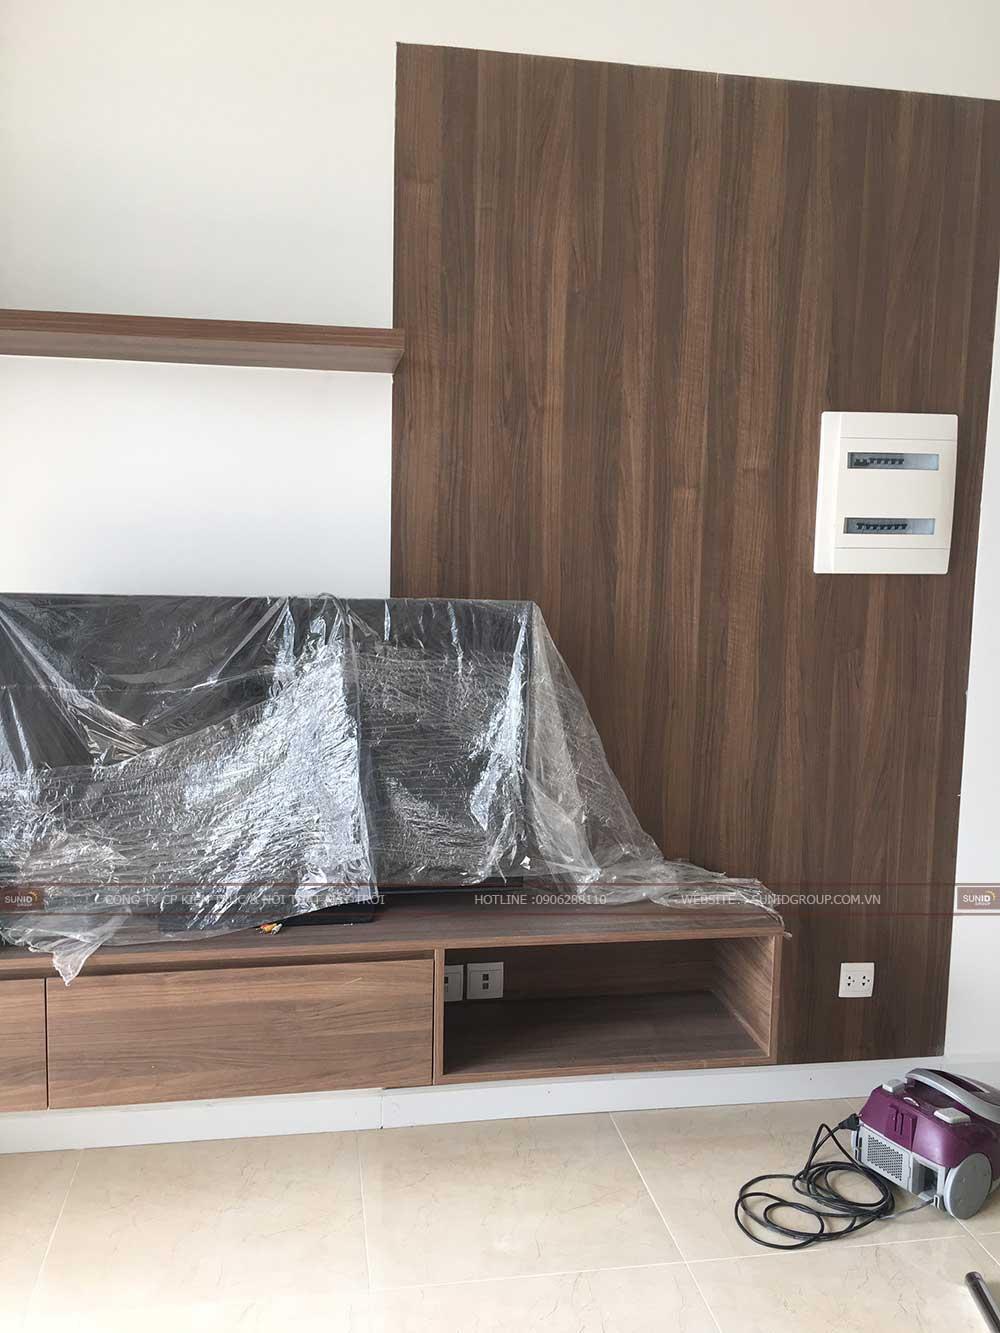 Diện tường tivi thiết kế trống để gia chủ có thể treo tranh trang trí hoặc đặt bàn thờ treo tường theo mục đích sử dụng của người thuê nhà